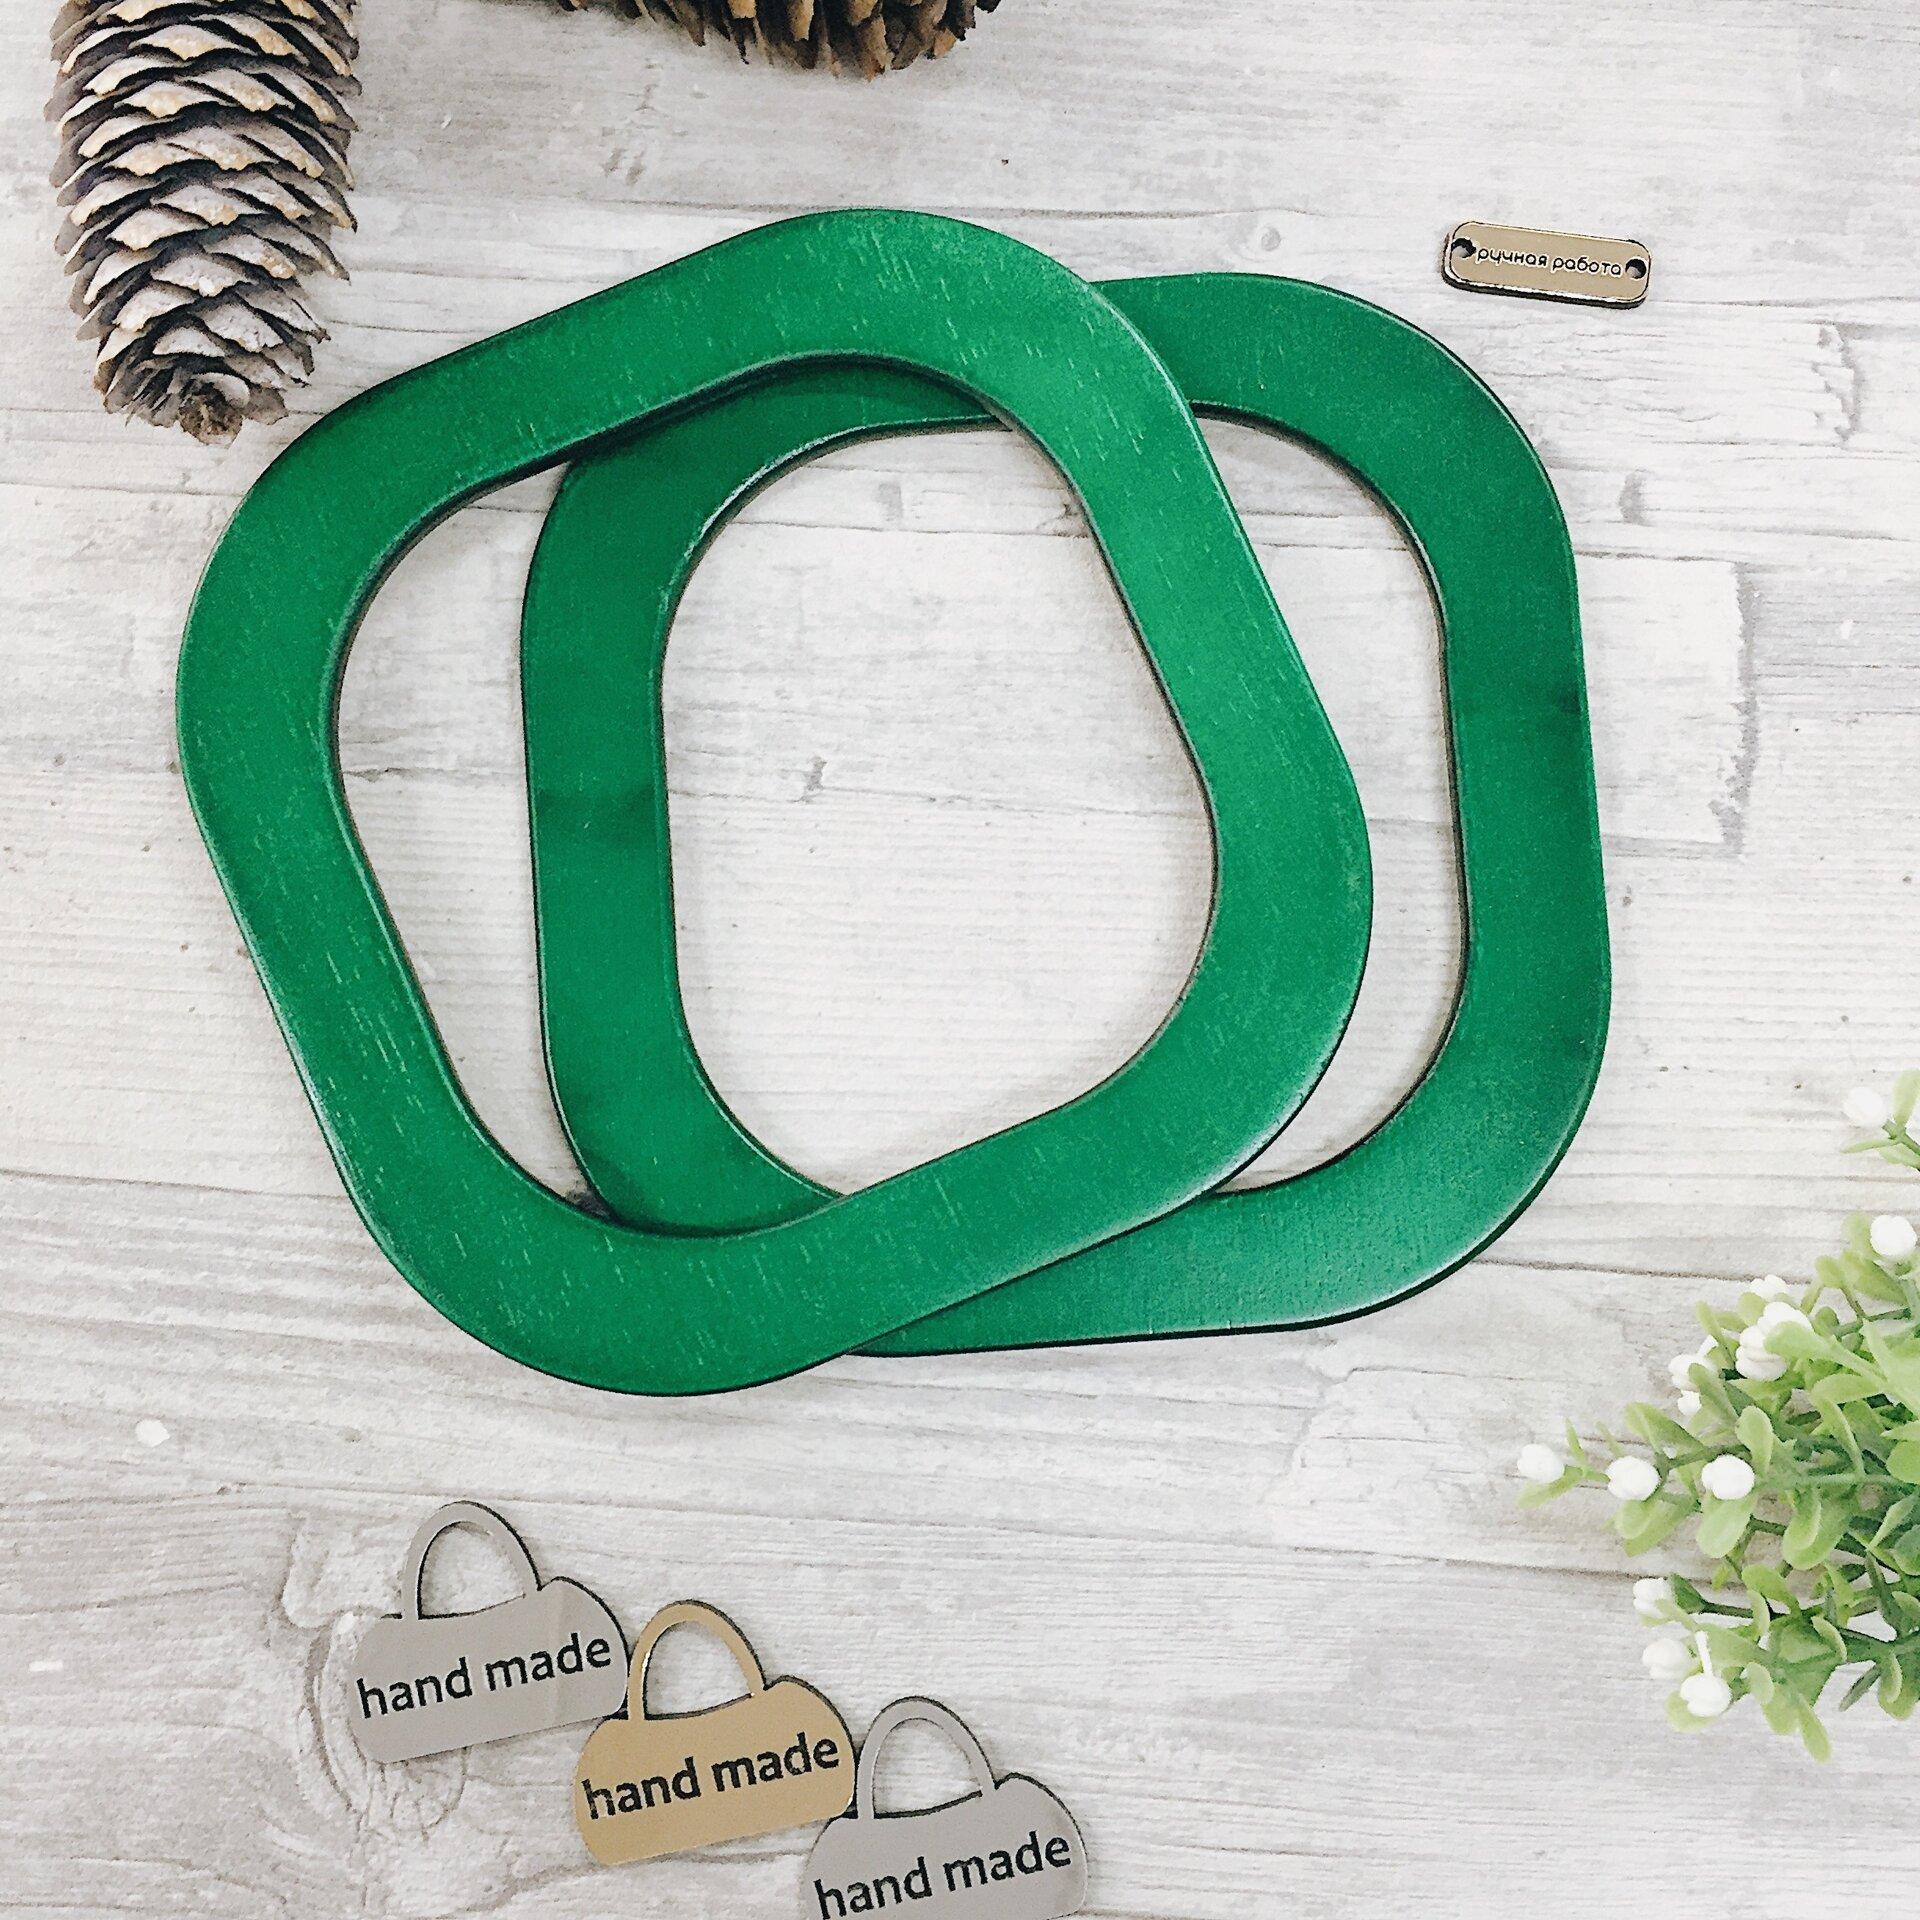 Деревянные ручки для вязаных сумок квадратные, зеленый - фото pic_327606559001cc221684b6a33c526c60_1920x9000_1.jpg